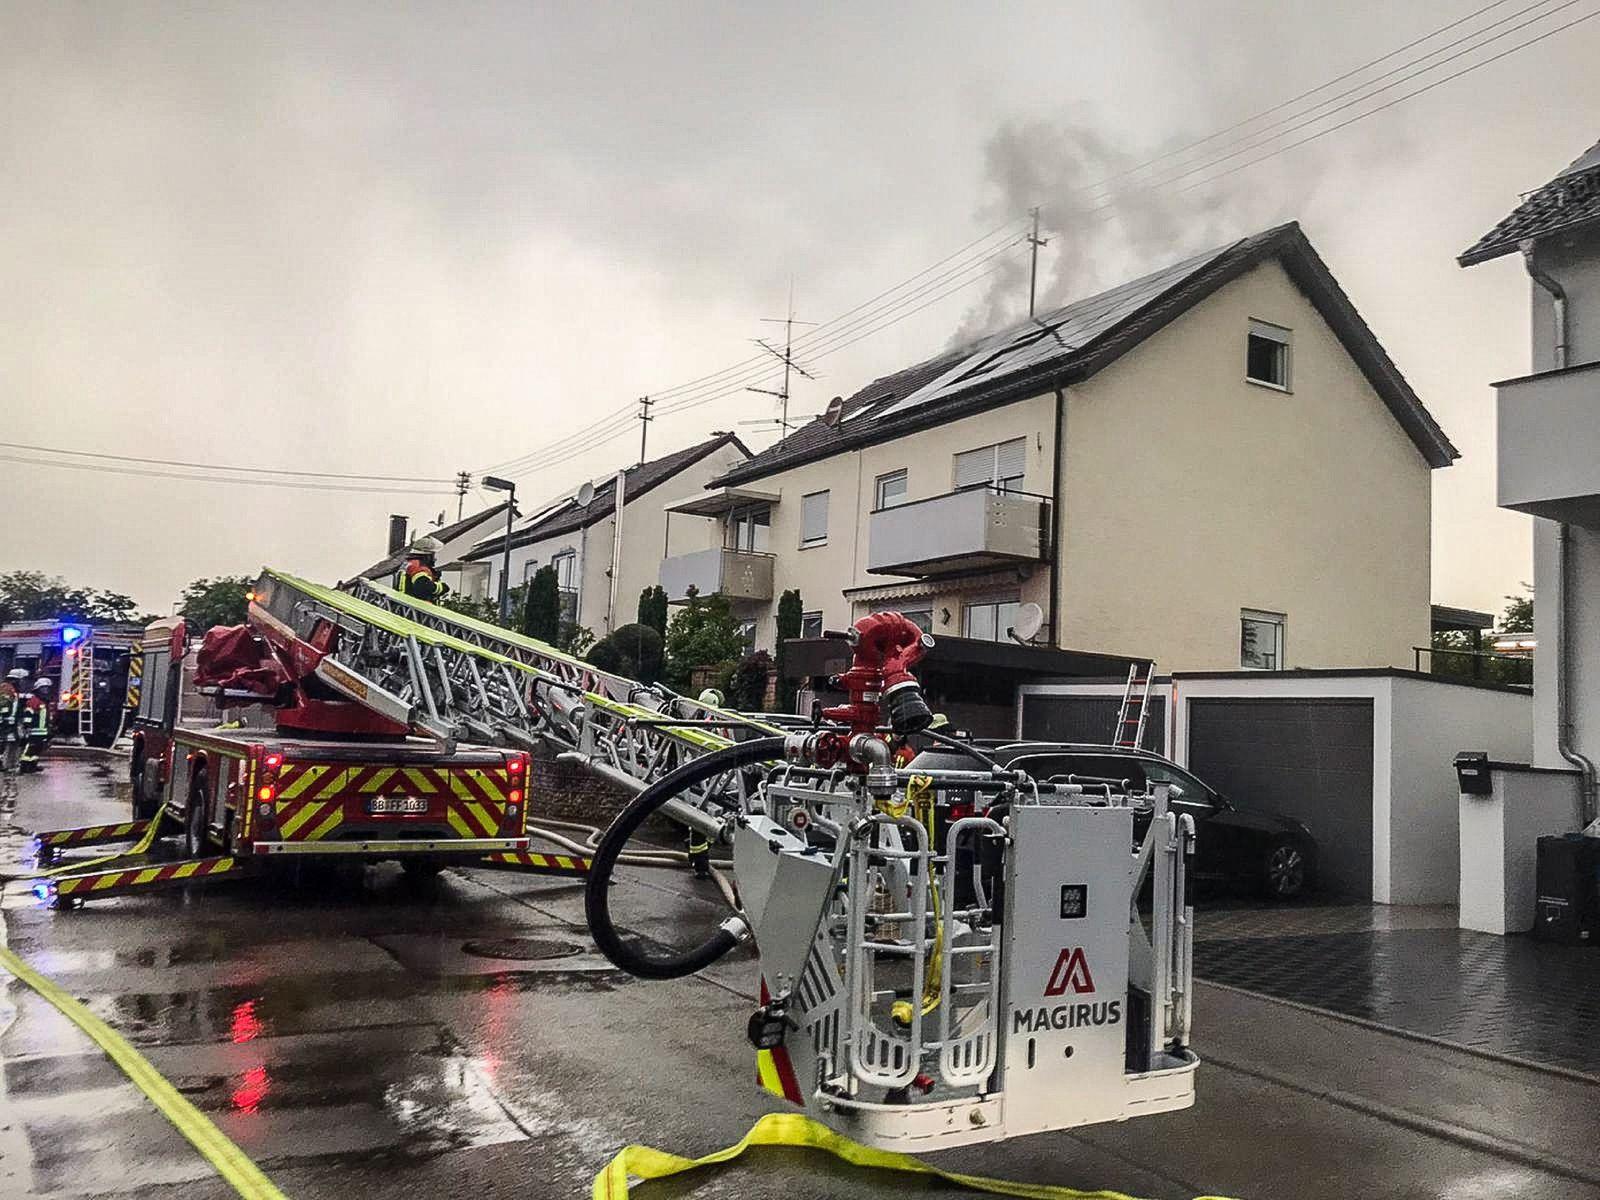 Unwetter - Blitz setzt Dachstuhl in Brand